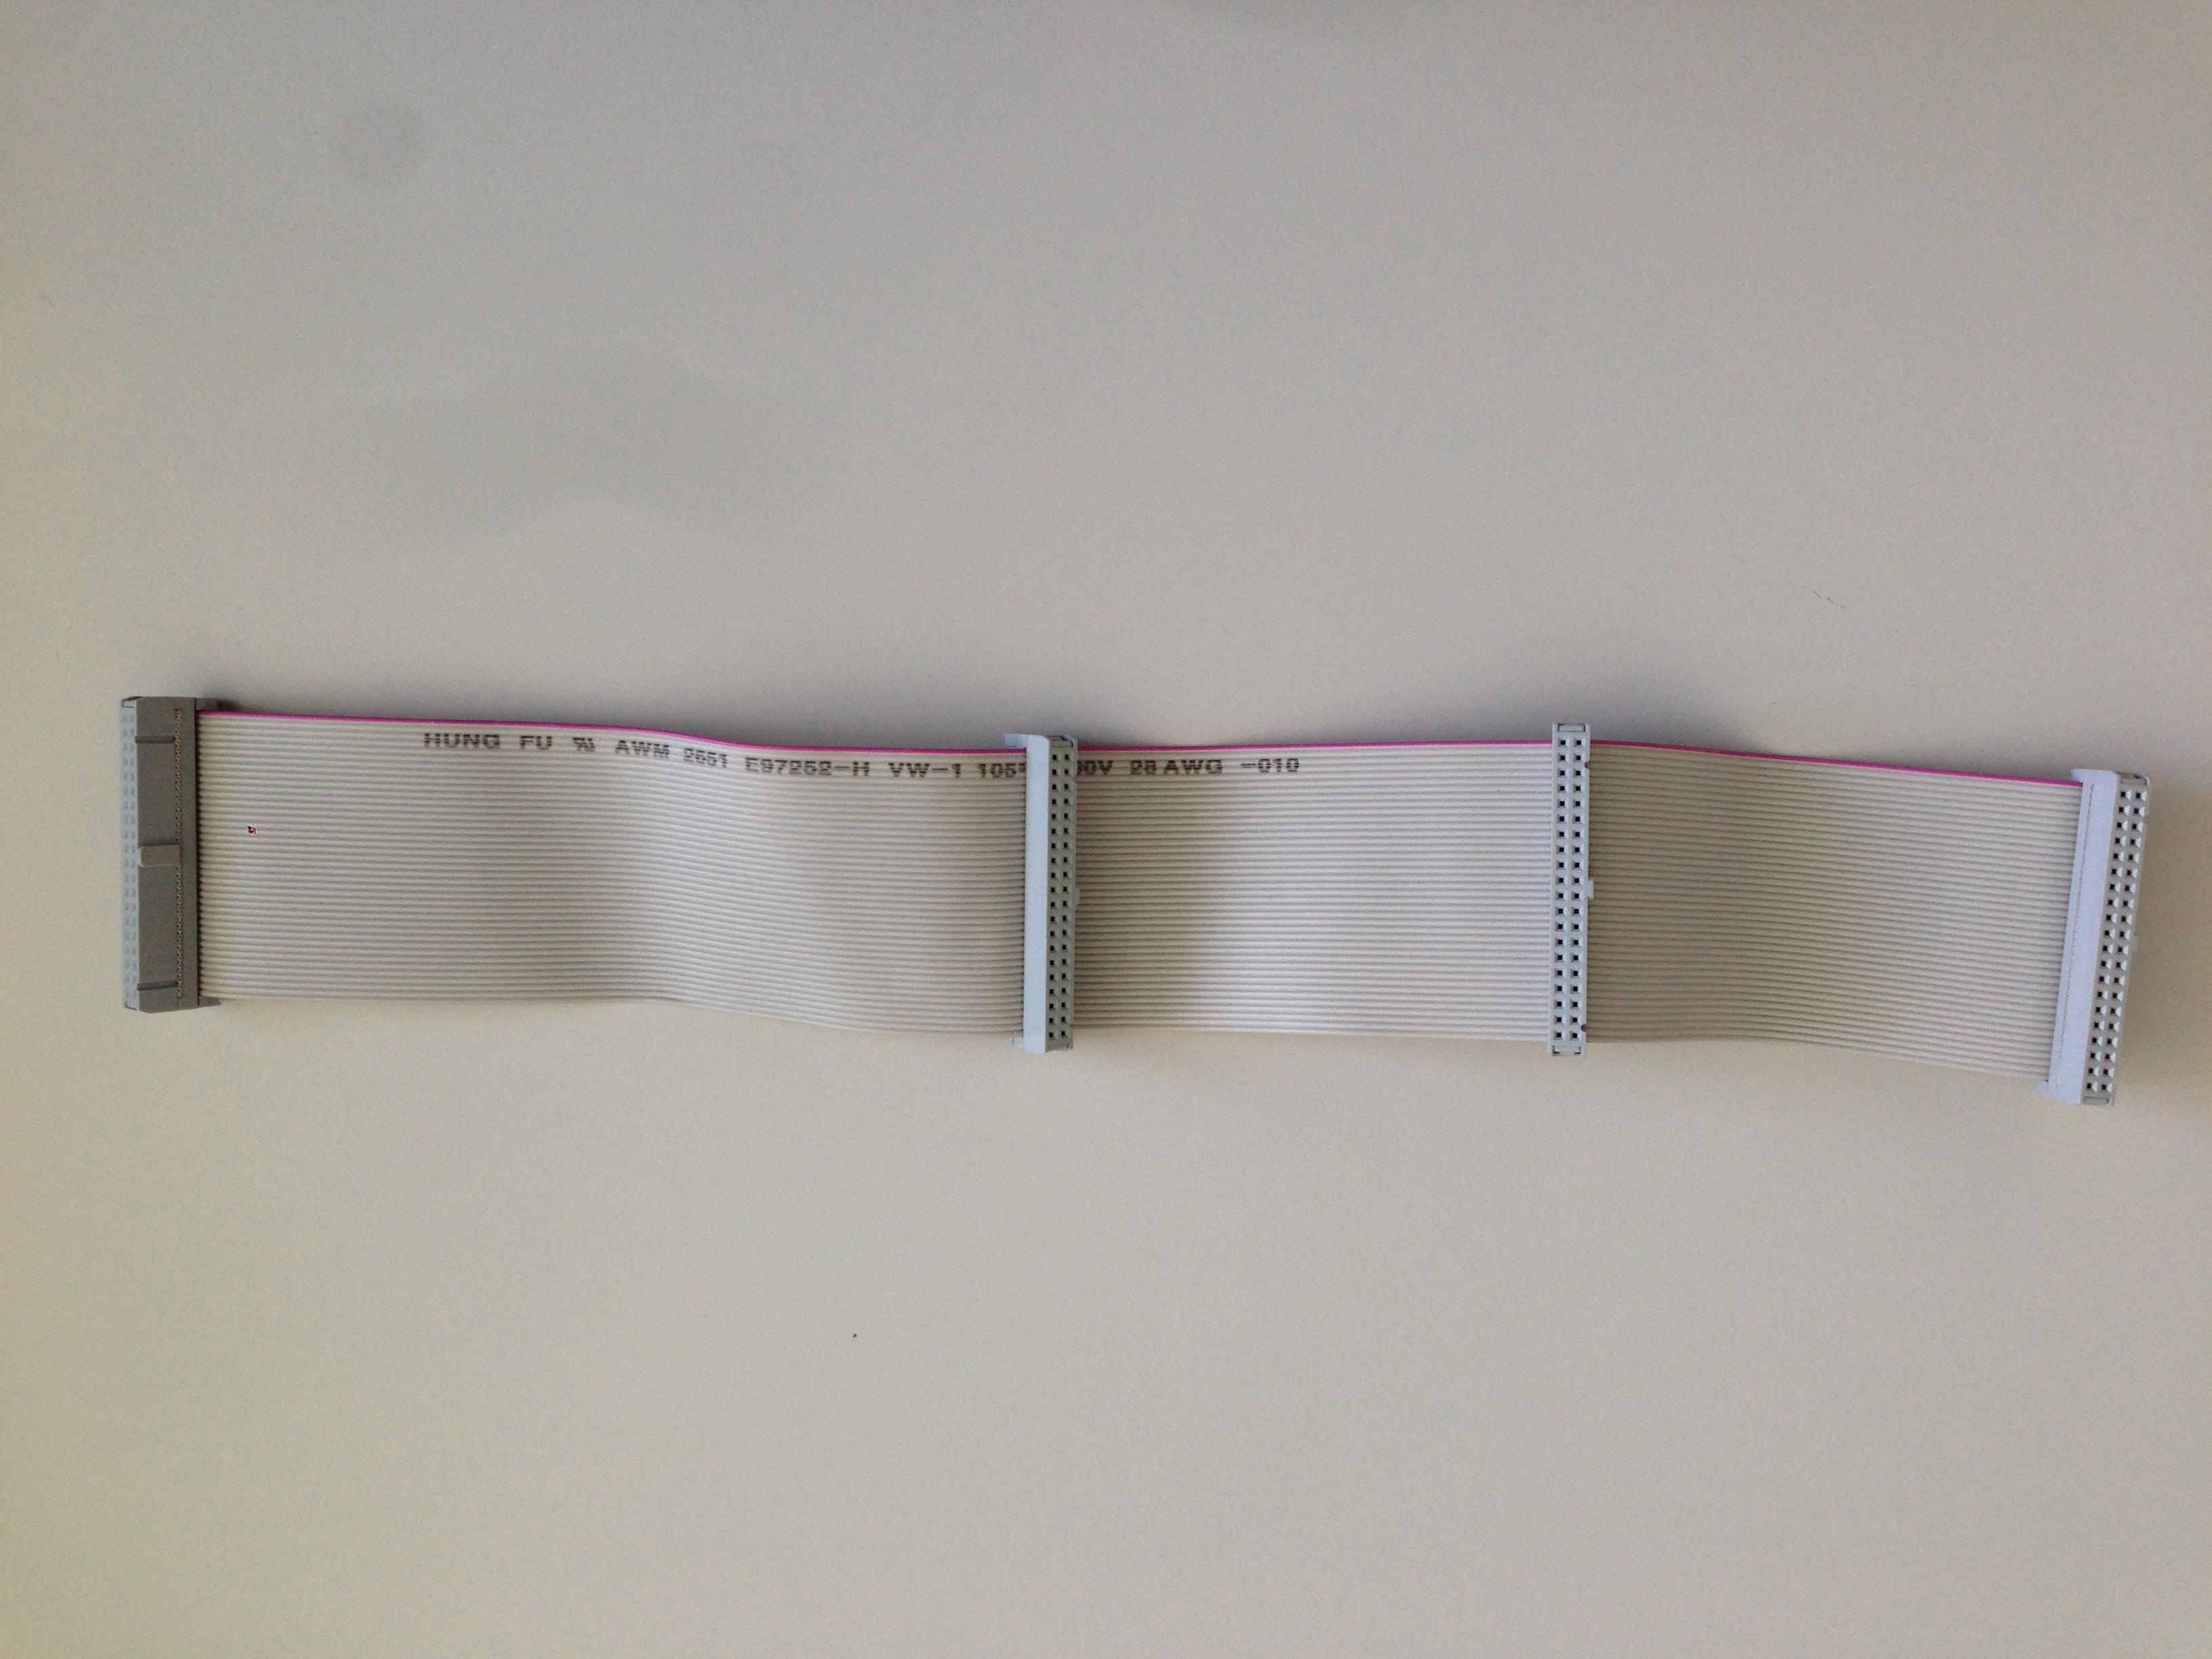 Sirrix PCM-Kabel, mit 4 Konnektoren